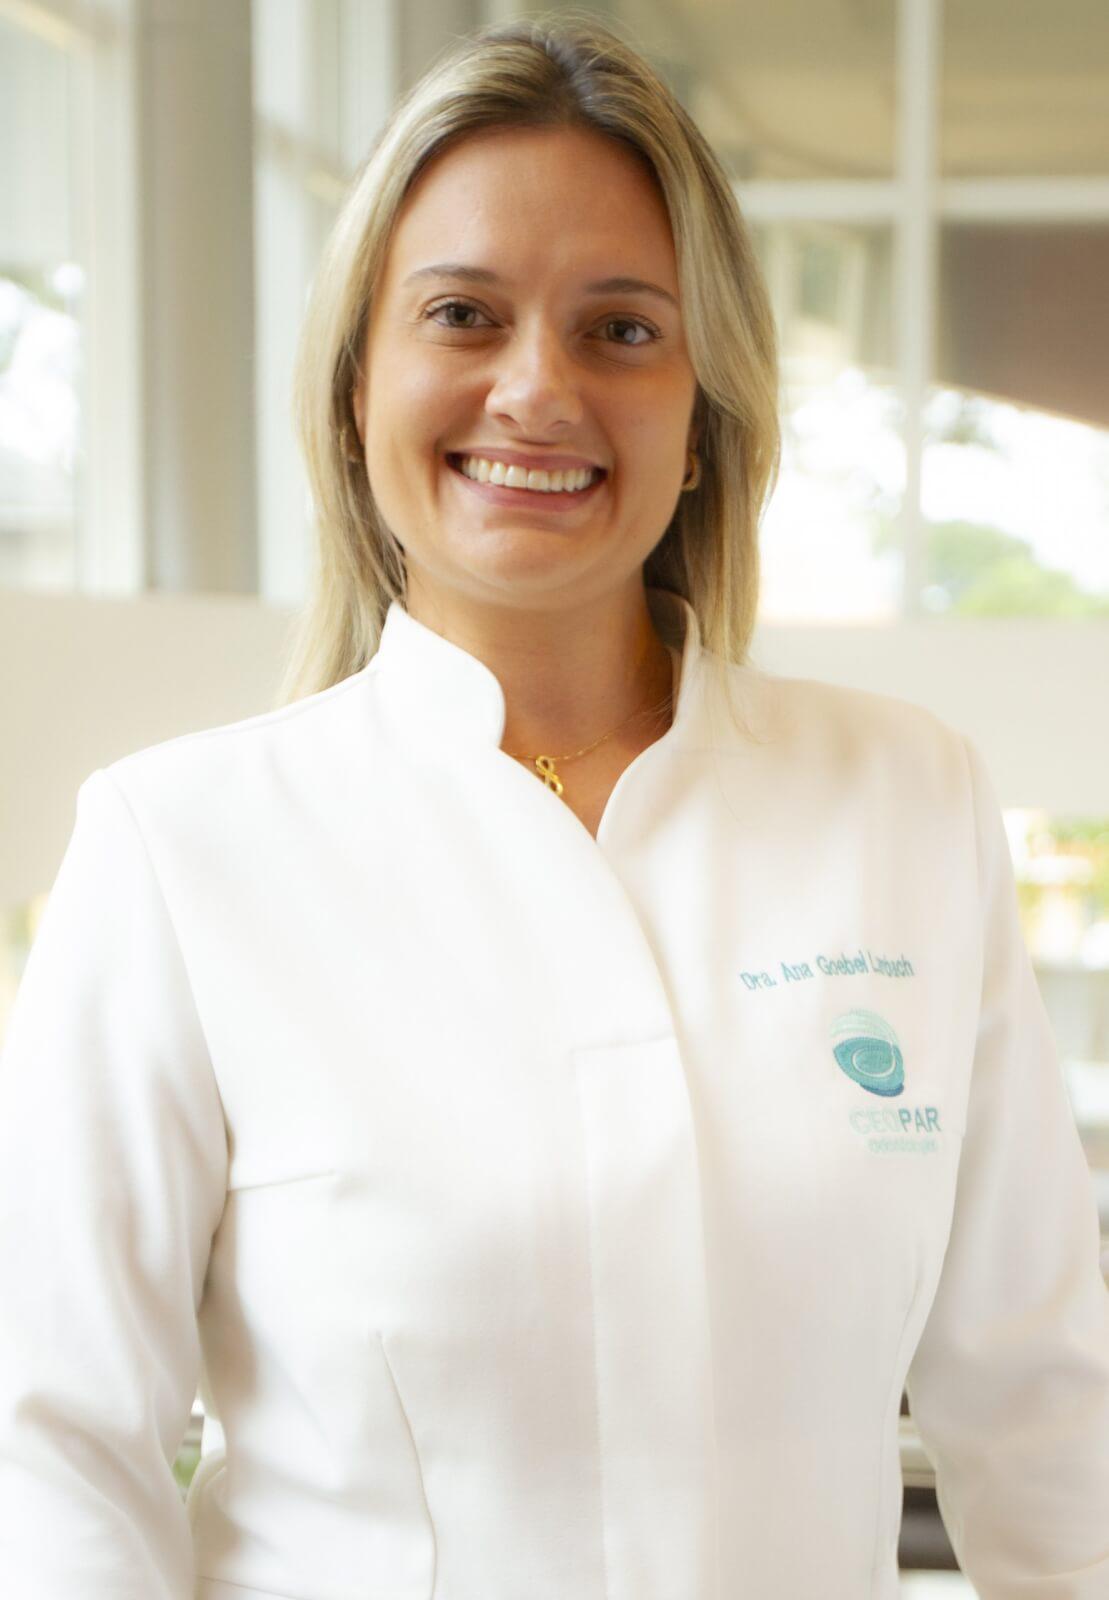 Dra. Ana C. Goebel Lambach